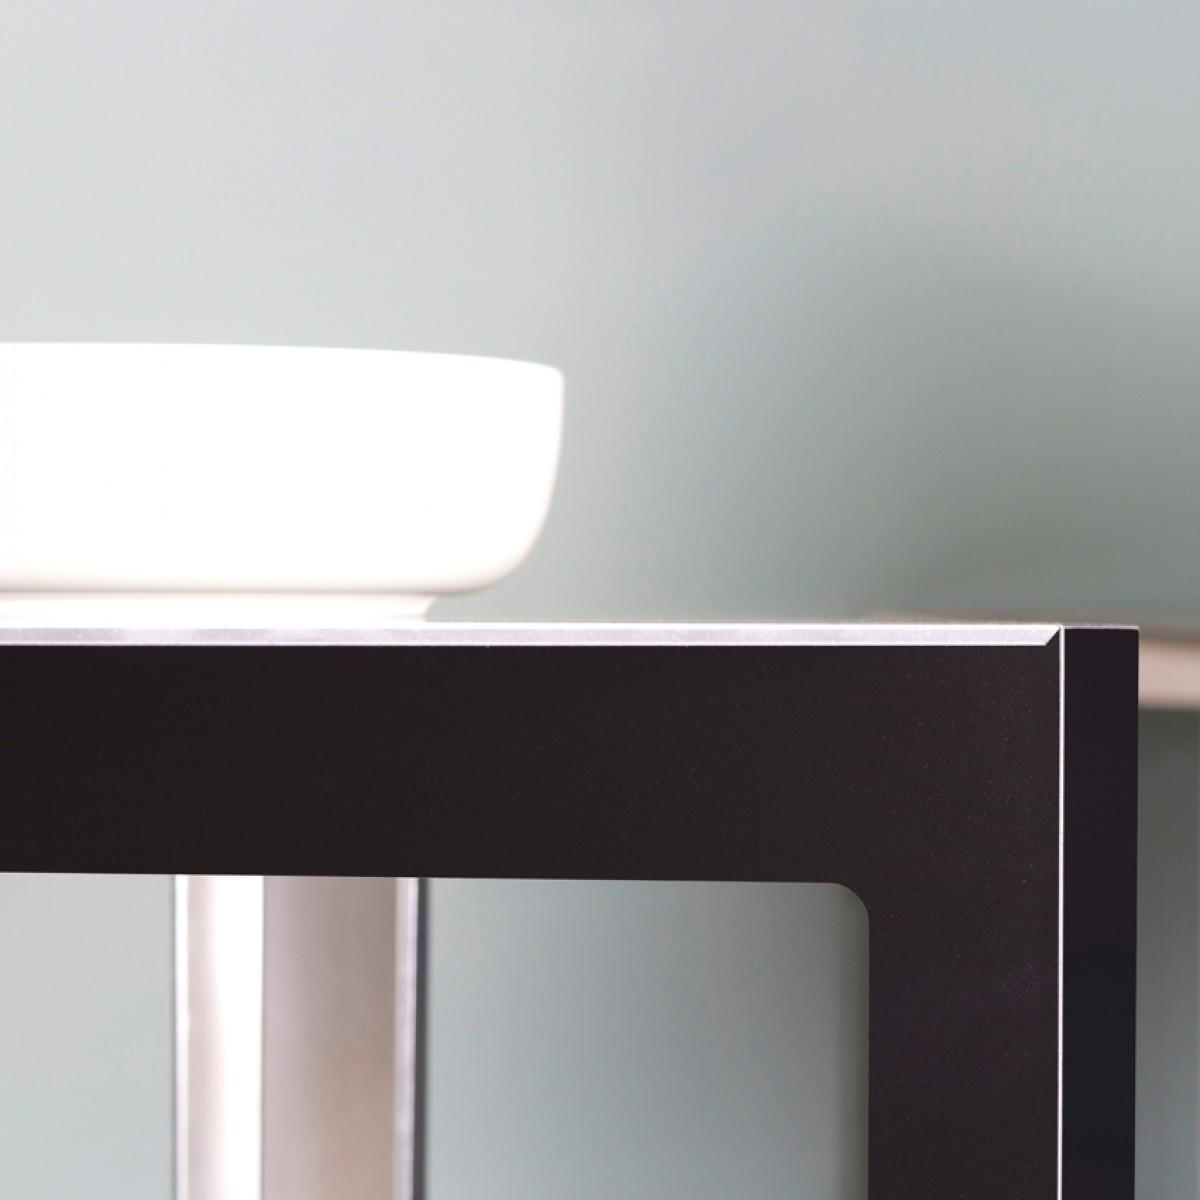 Tisc Beistelltisch, Aluminium eloxiert, Hellen Westerhof